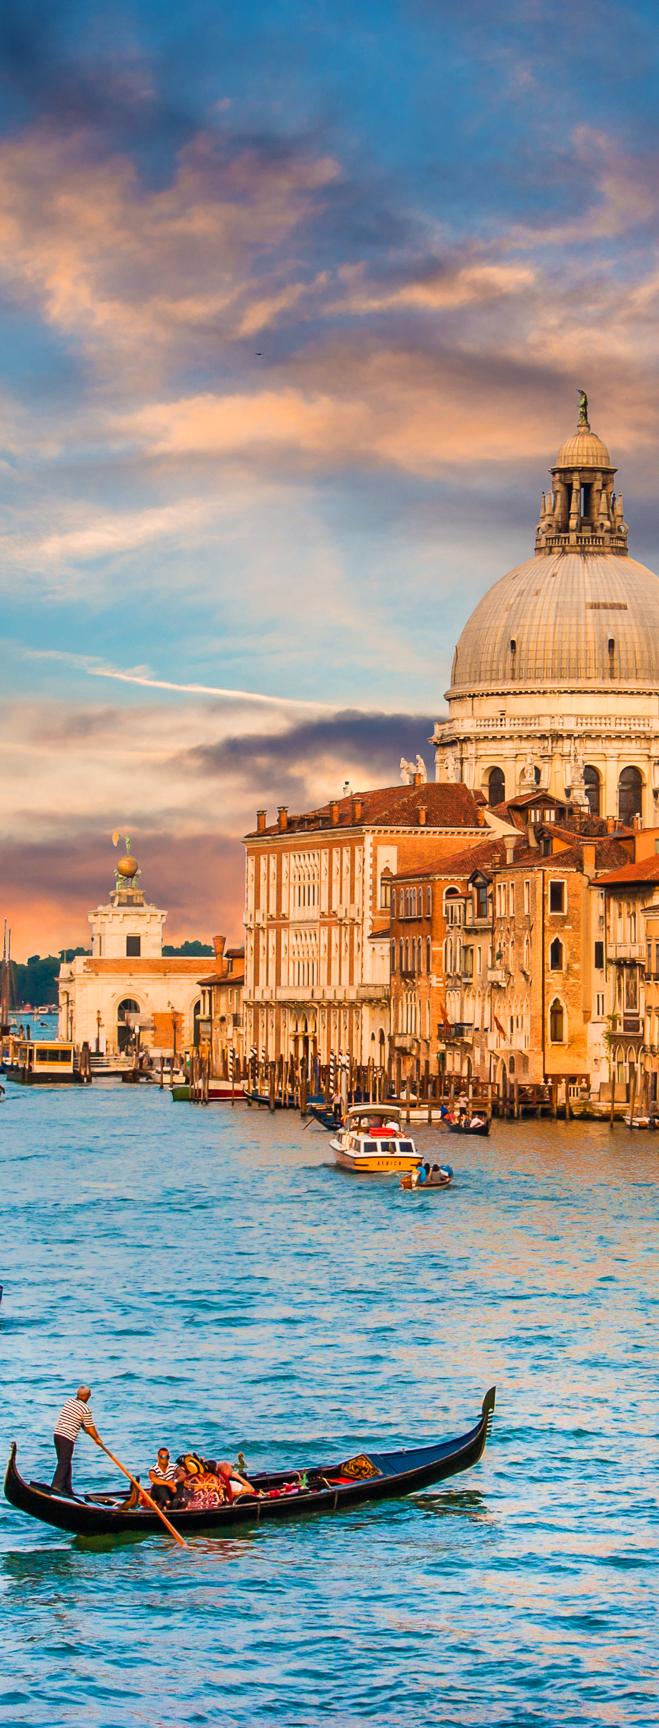 我们为您提供世界上最浪漫的目的地列表。选择度过假期的梦想之地。毫无疑问......